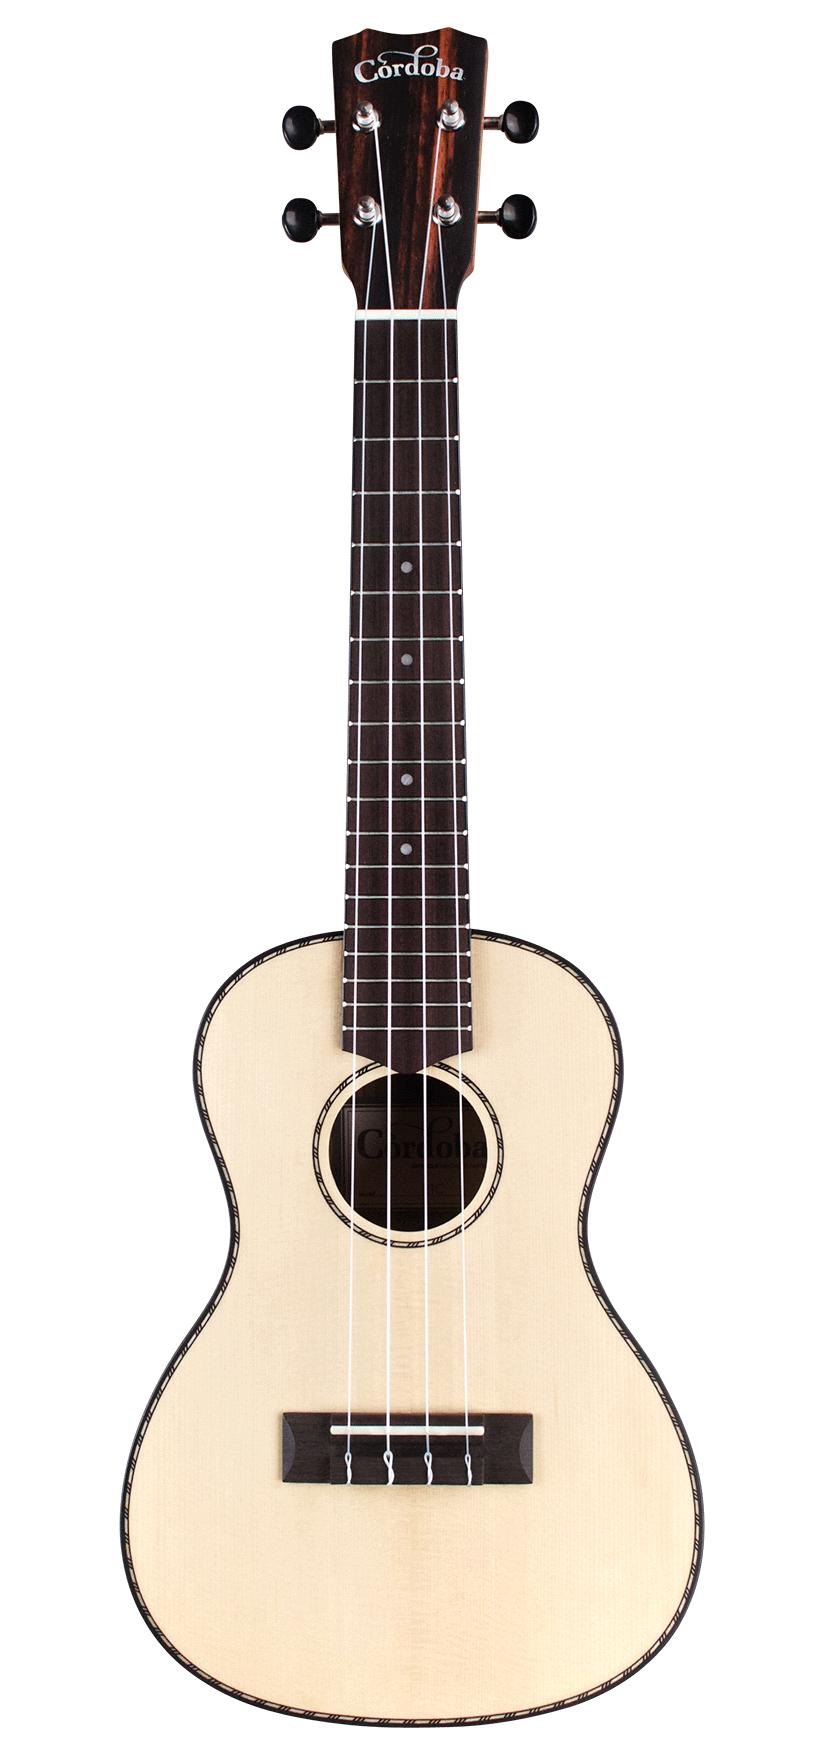 Cordoba 21C SP Concert Ukulele Solid Spruce with Ebony Back and Sides